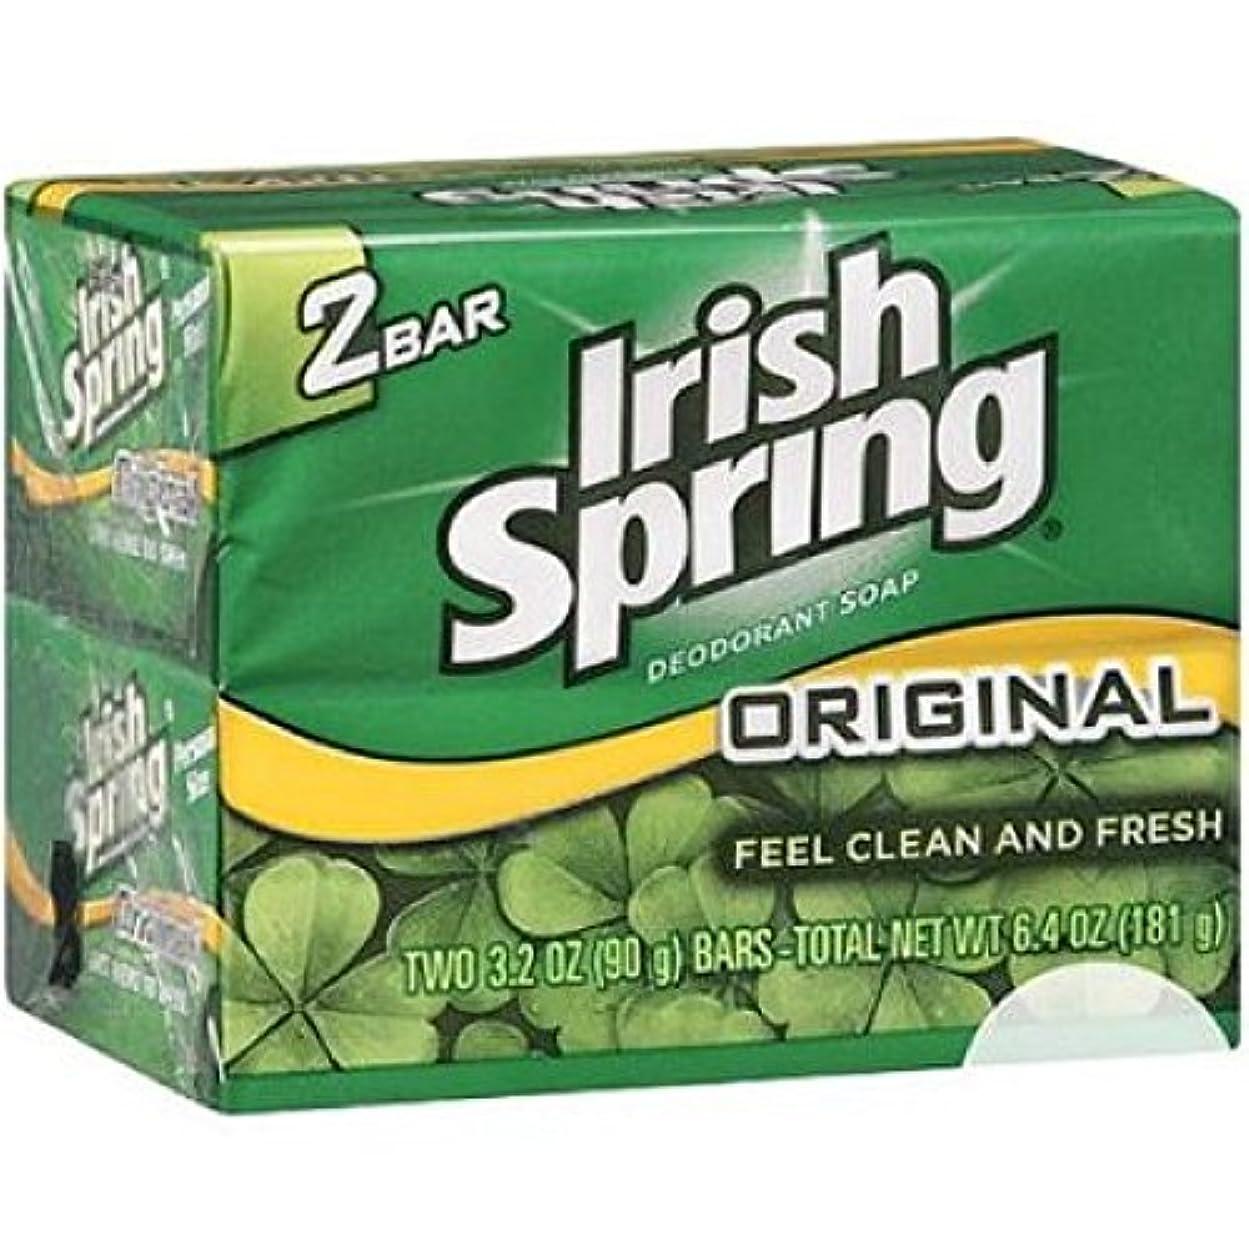 毎日言い換えるとはずIrish Spring オリジナルデオドラント石鹸、3.20オズバー、2 Eaは 8パック